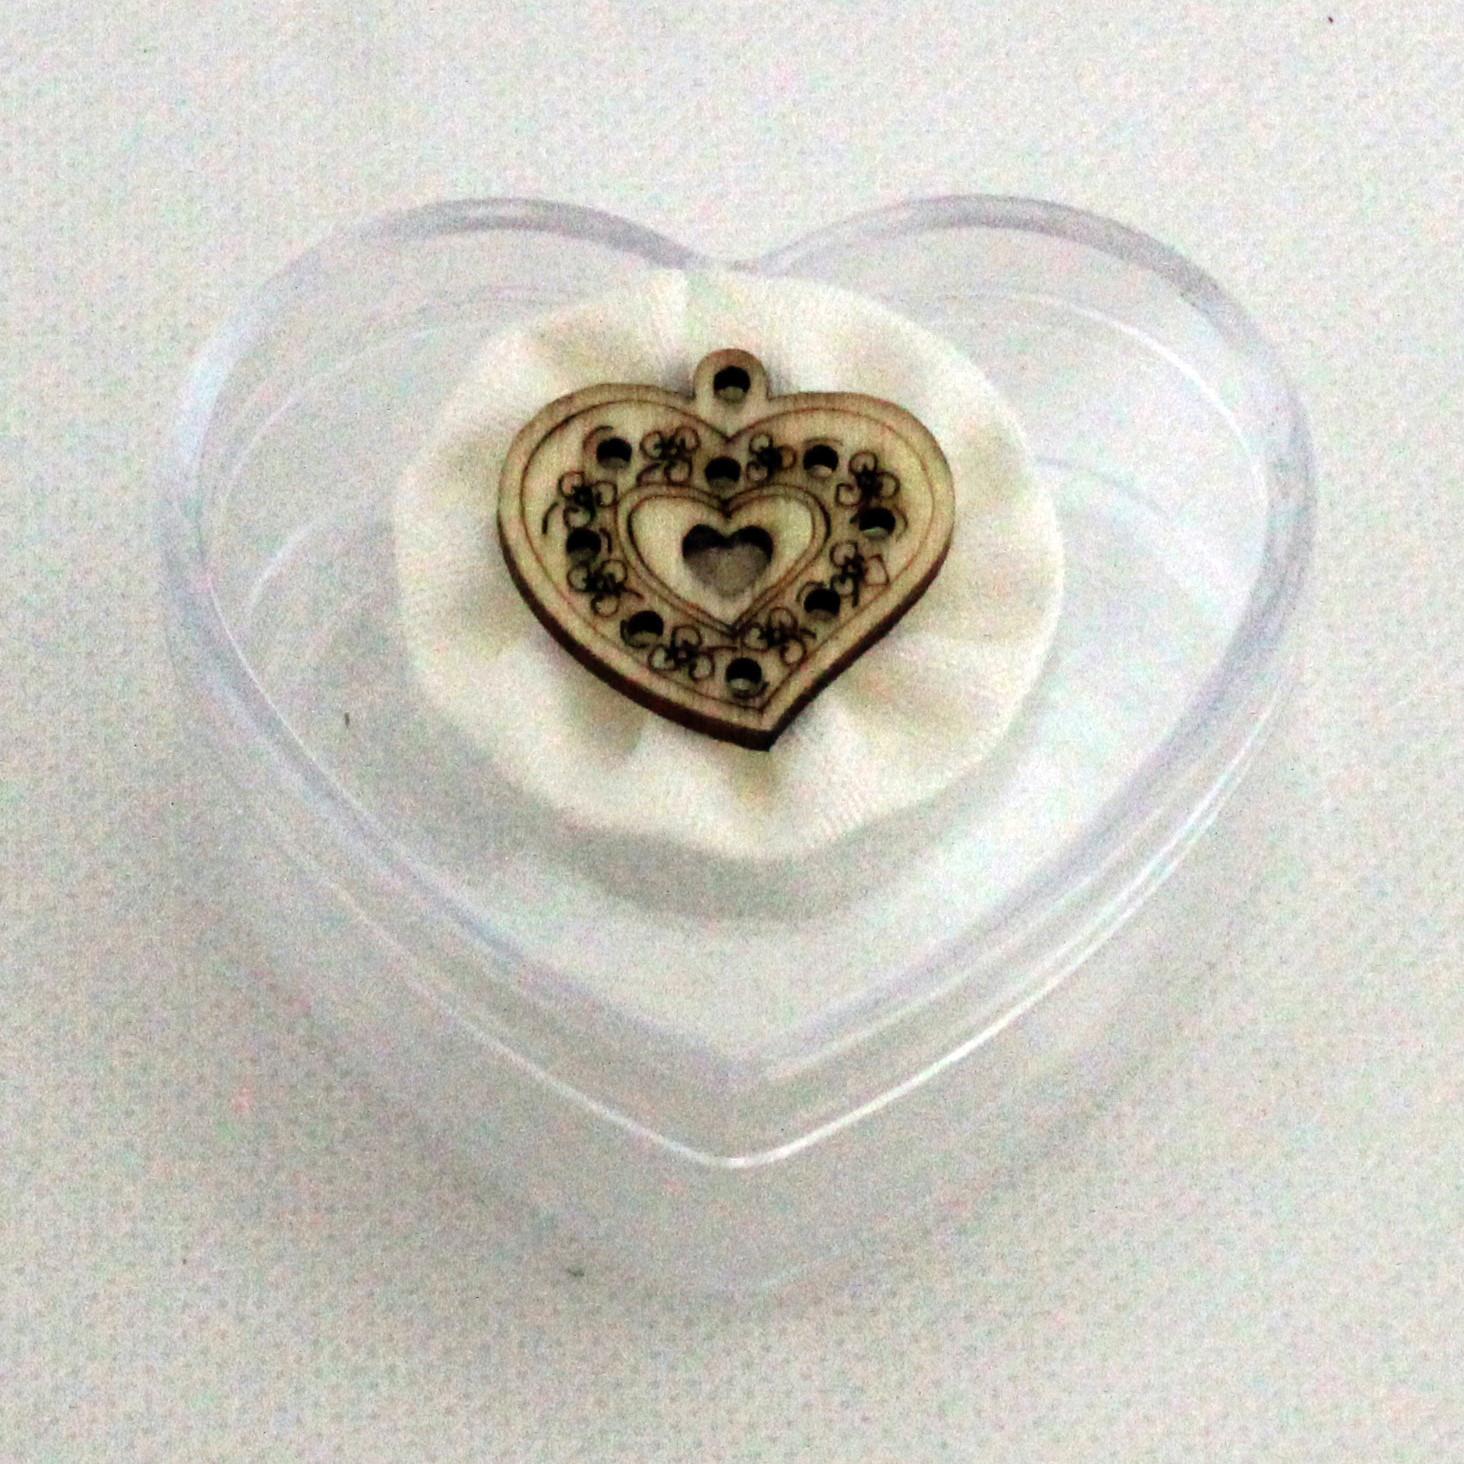 Scatolina cuore in plastica rigida fiore farfalla per matrimonio nascita compleanno